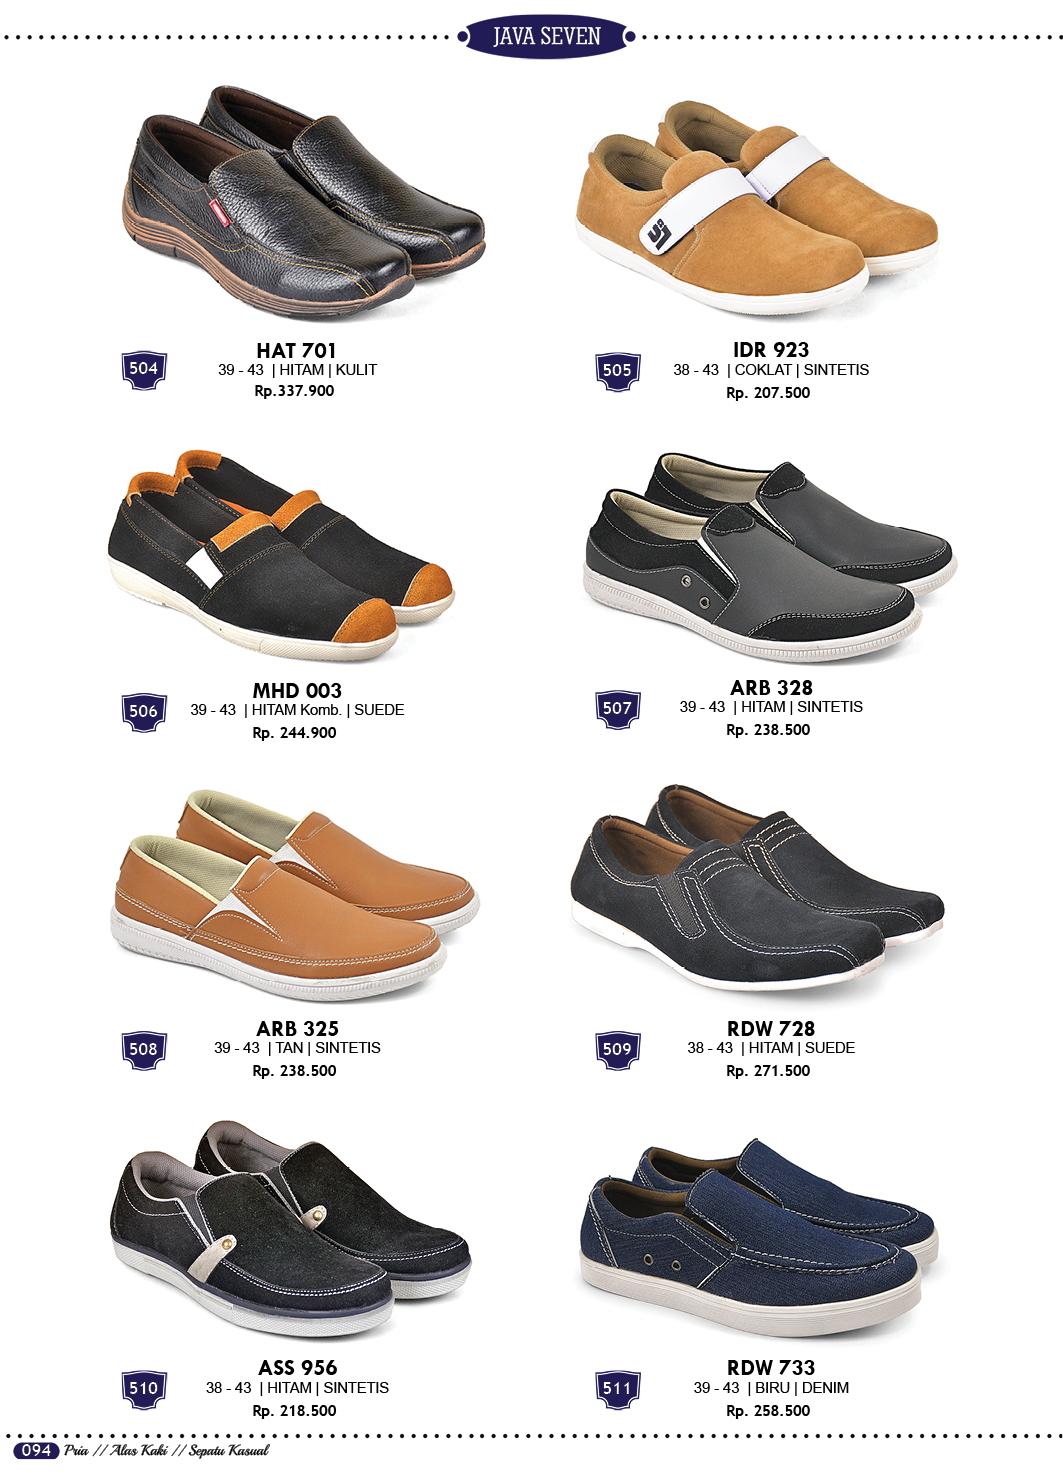 Sepatu Sandal dan Tas Terbaru Katalog Java Seven 2018 Grosir Ecer 56808d11b7